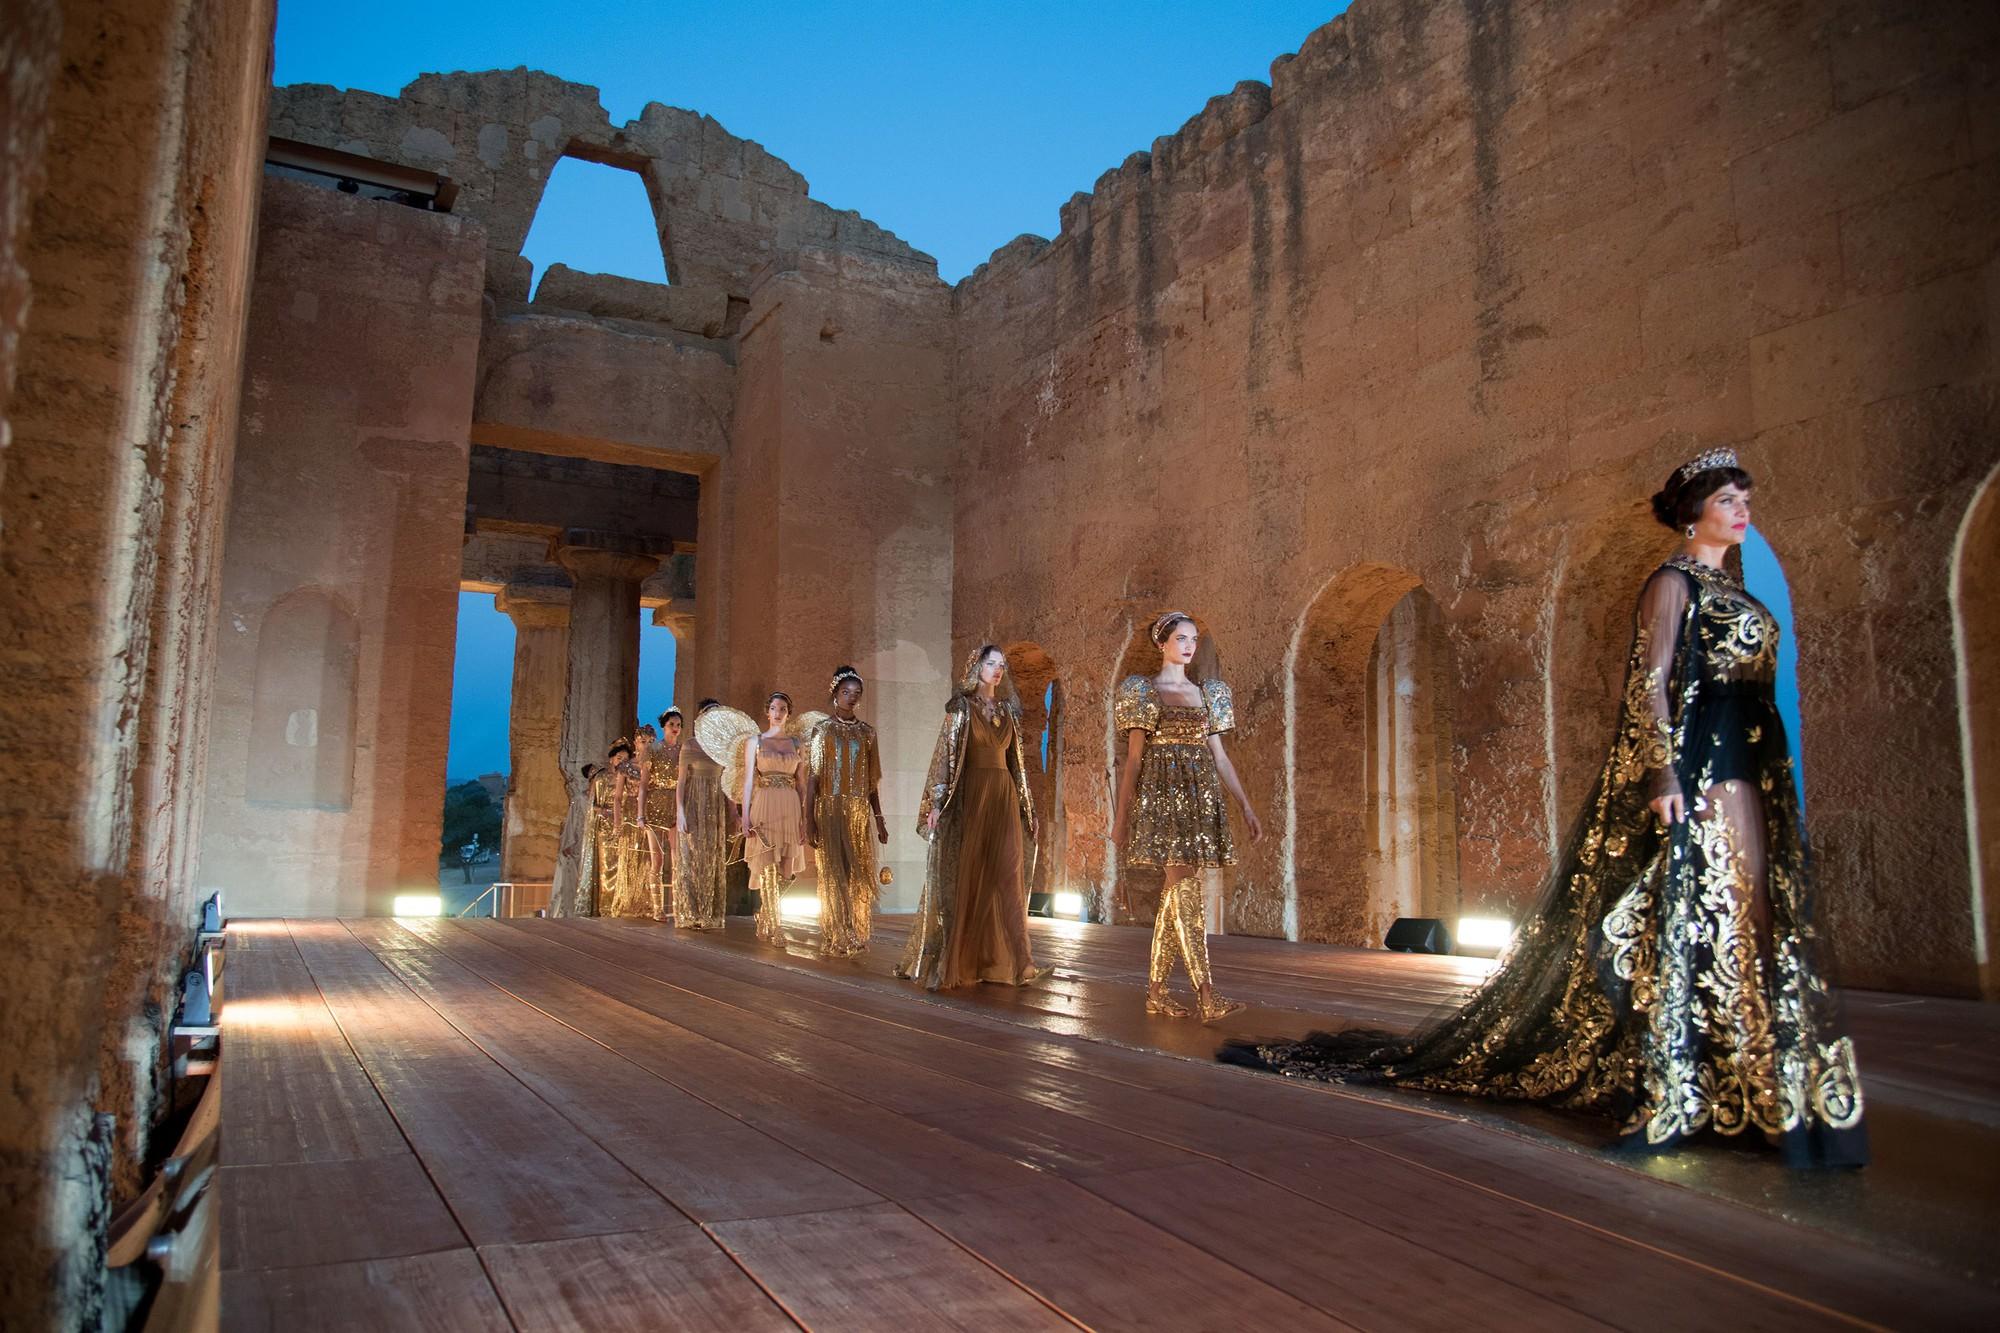 Sững sờ chiêm ngưỡng các nữ thần Hy Lạp bằng xương bằng thịt tại show diễn của Dolce&Gabbana - Ảnh 3.